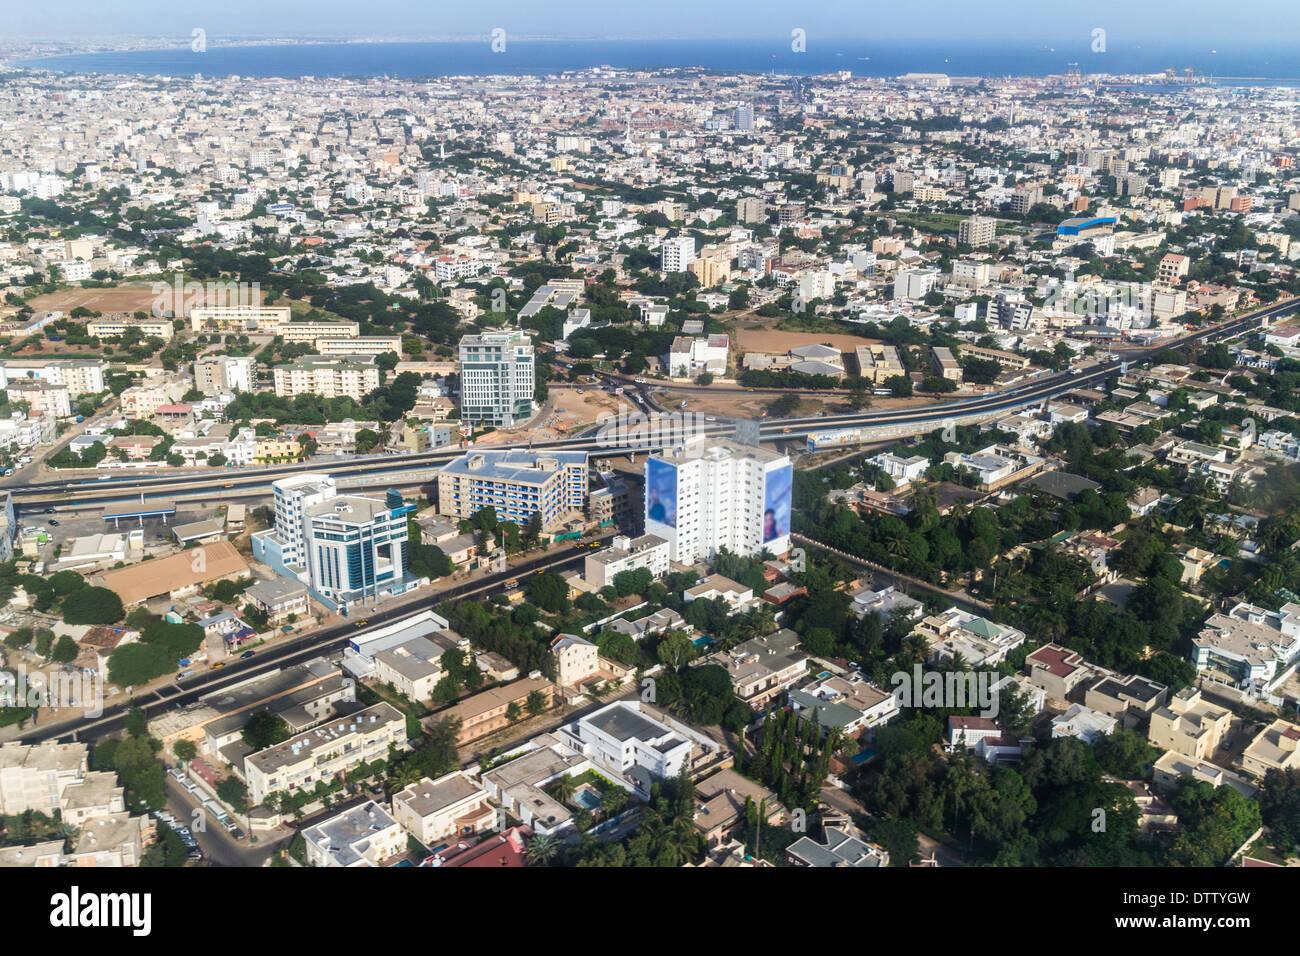 Vue aérienne de la ville de Dakar, Sénégal, montrant les bâtiments d'une grande densité Photo Stock